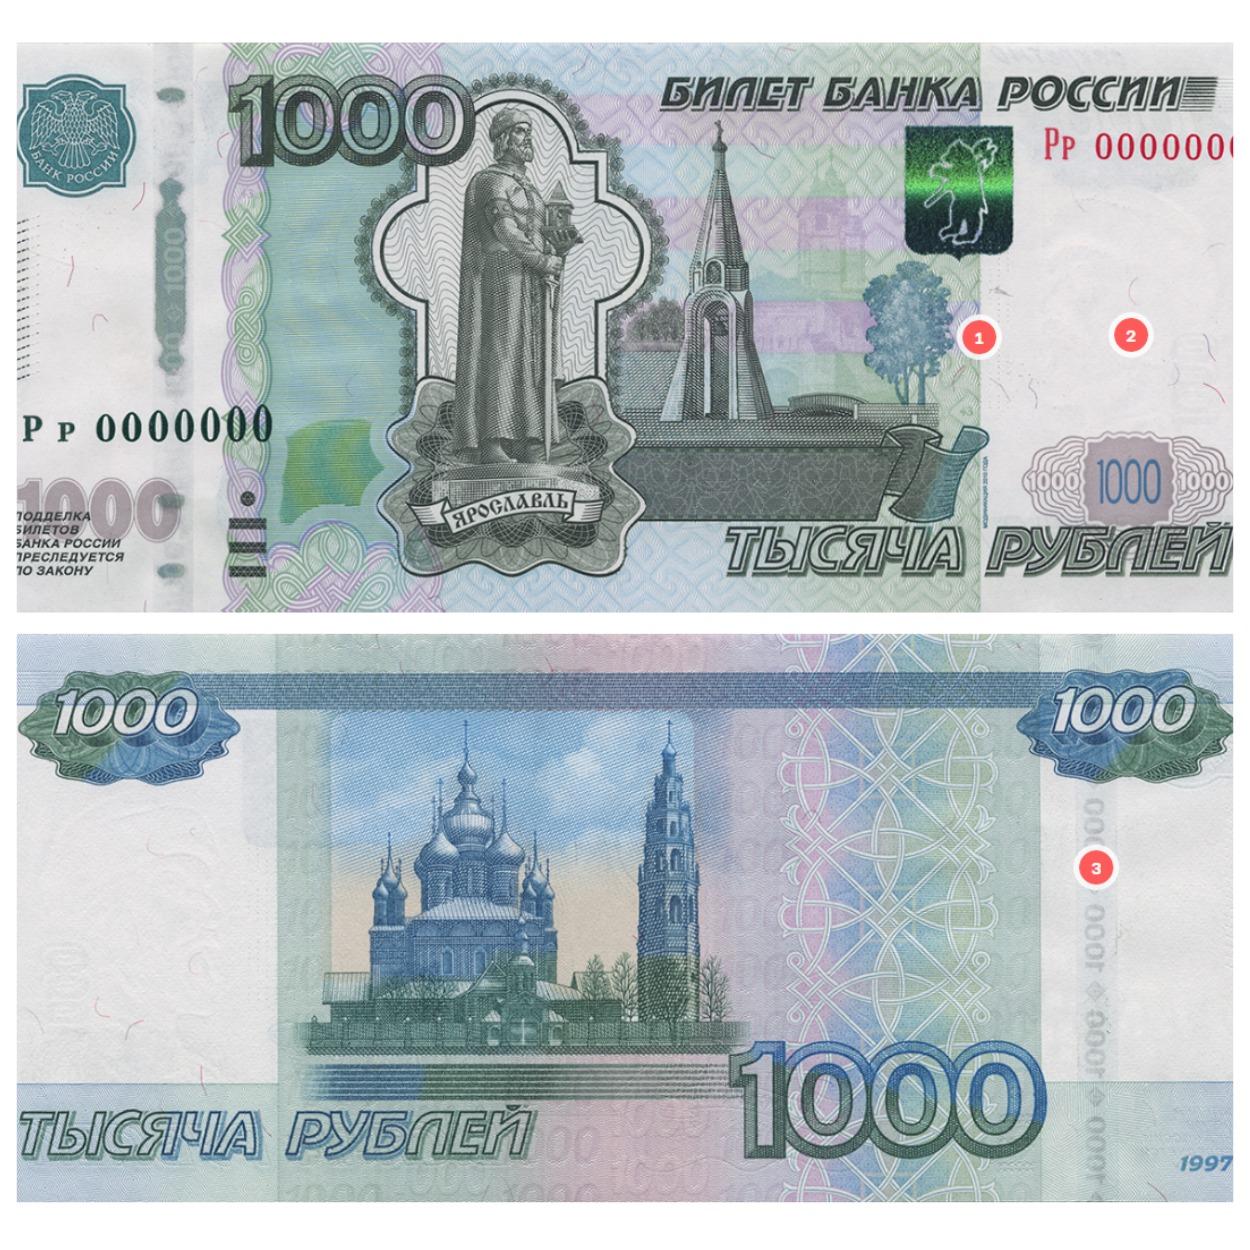 Признаки подлинности 1000 модификации 2010 года